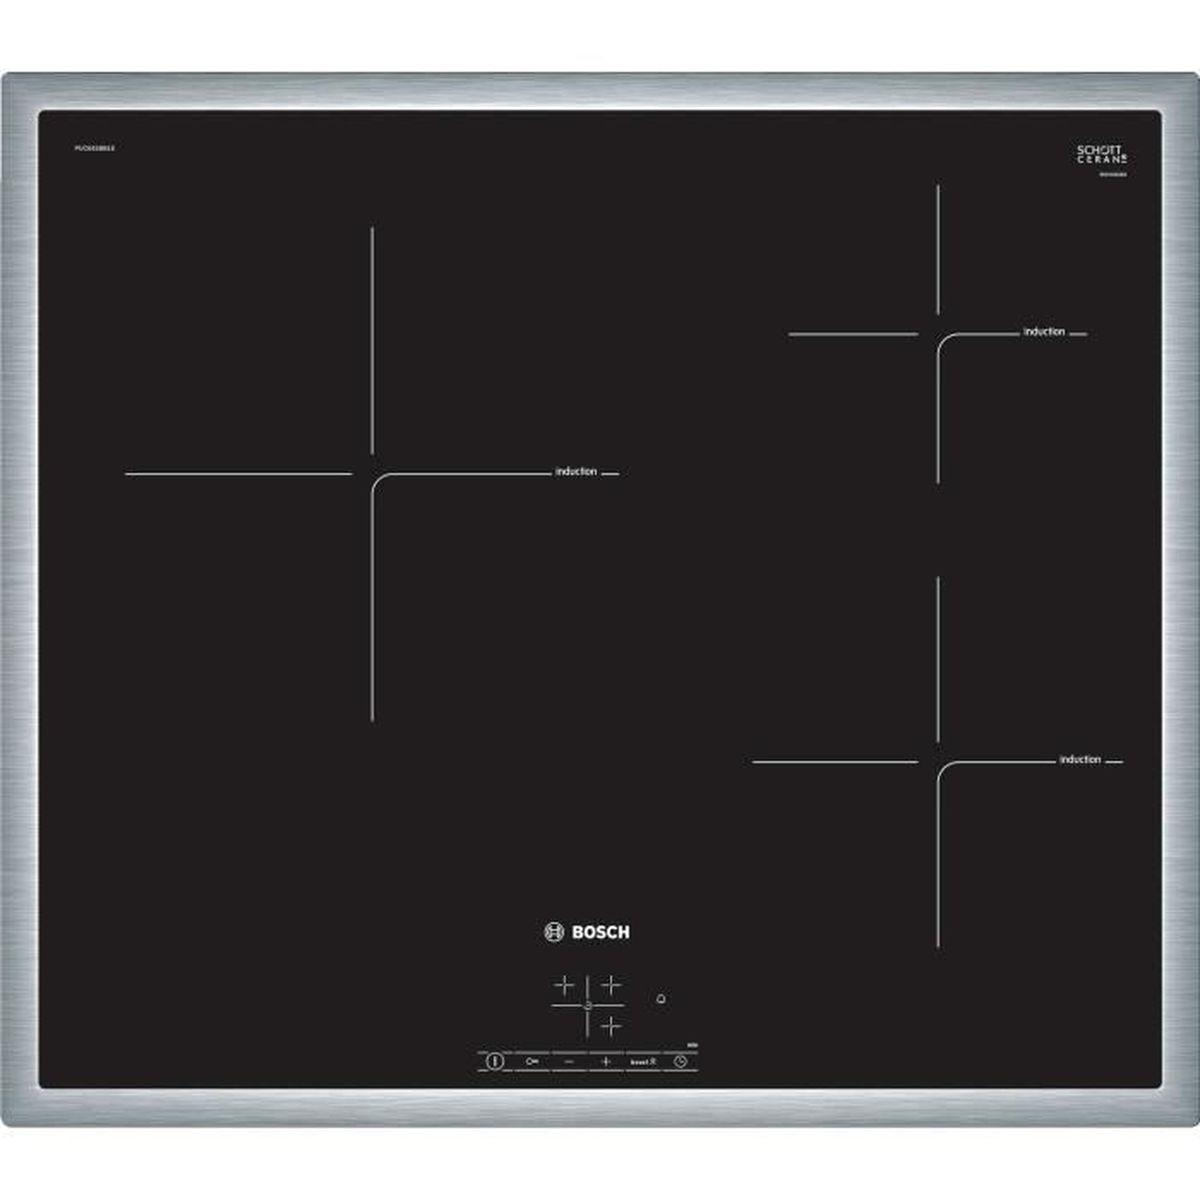 Achat Plaque Induction Pas Cher plaques induction puc 645 bb 1 e